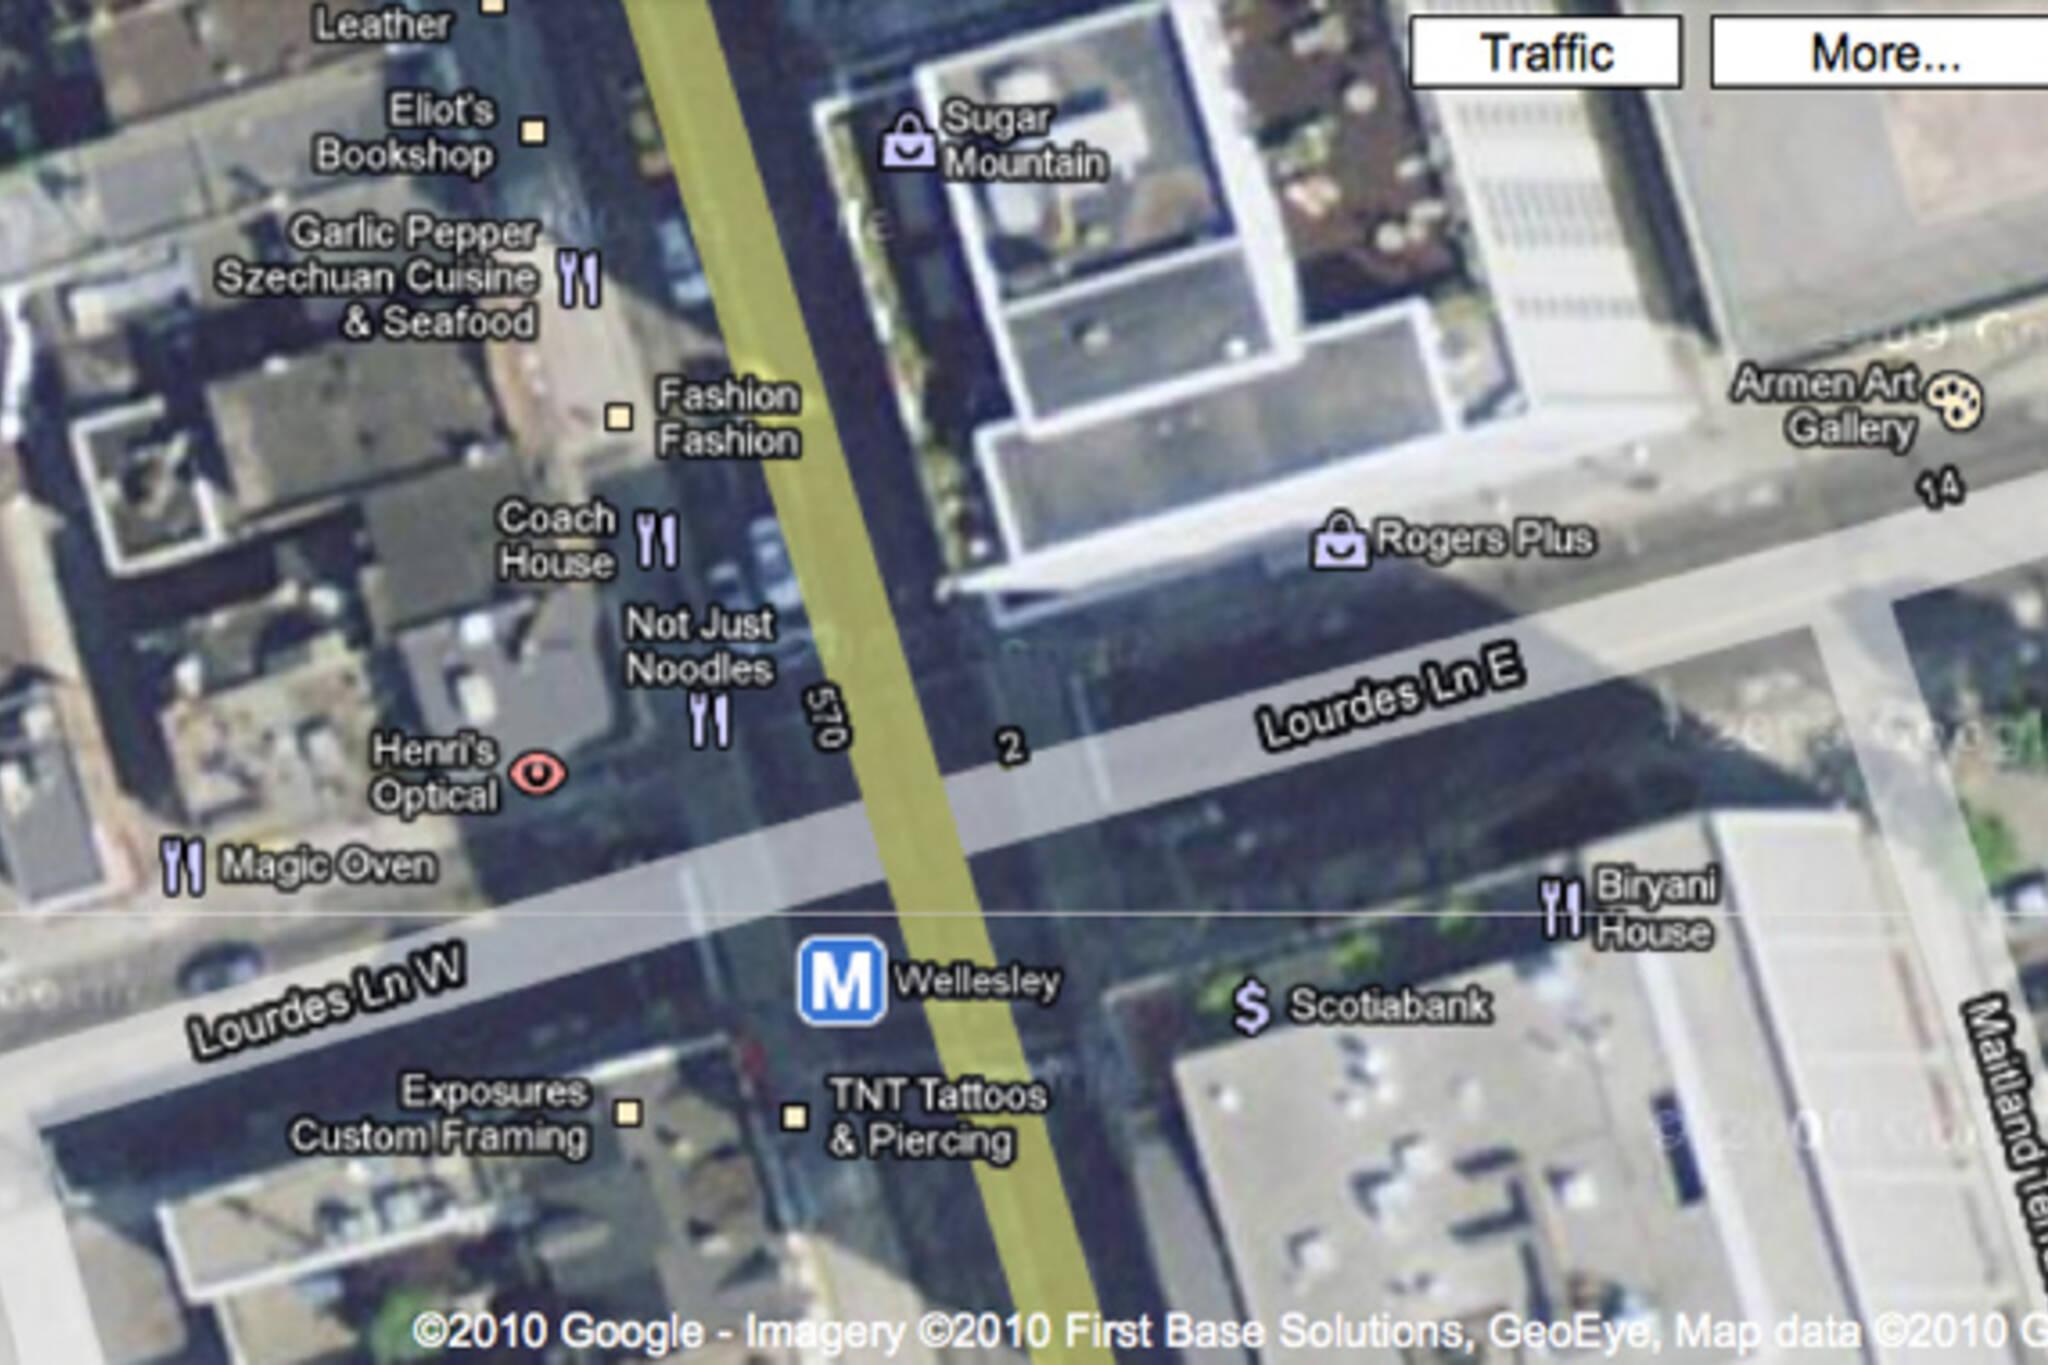 Lourdes Lane error Google